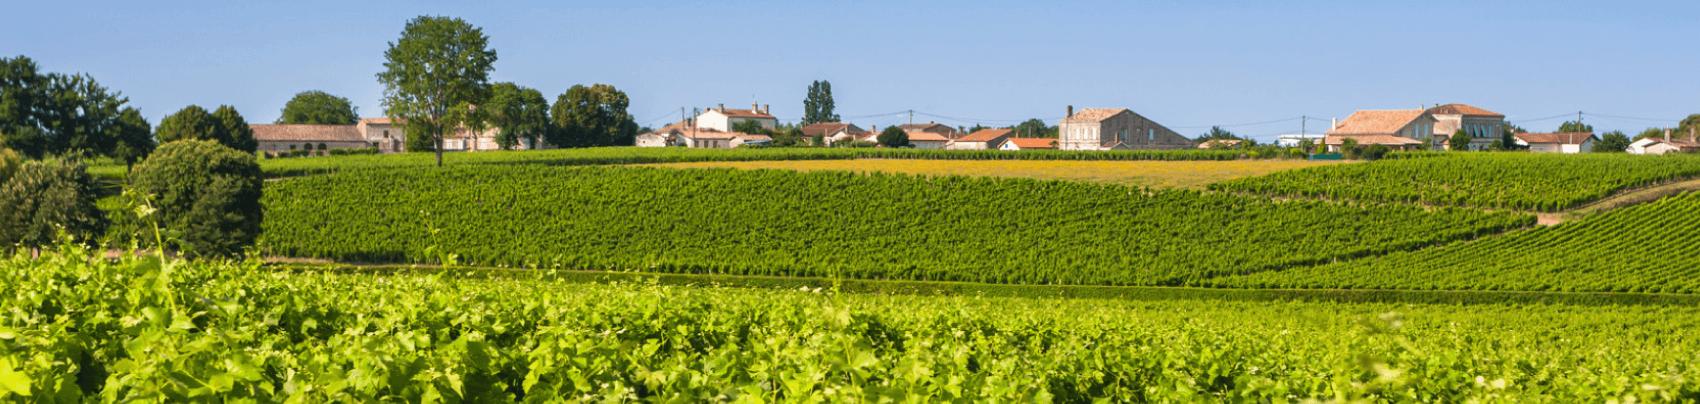 Bordeaux wijnstreek